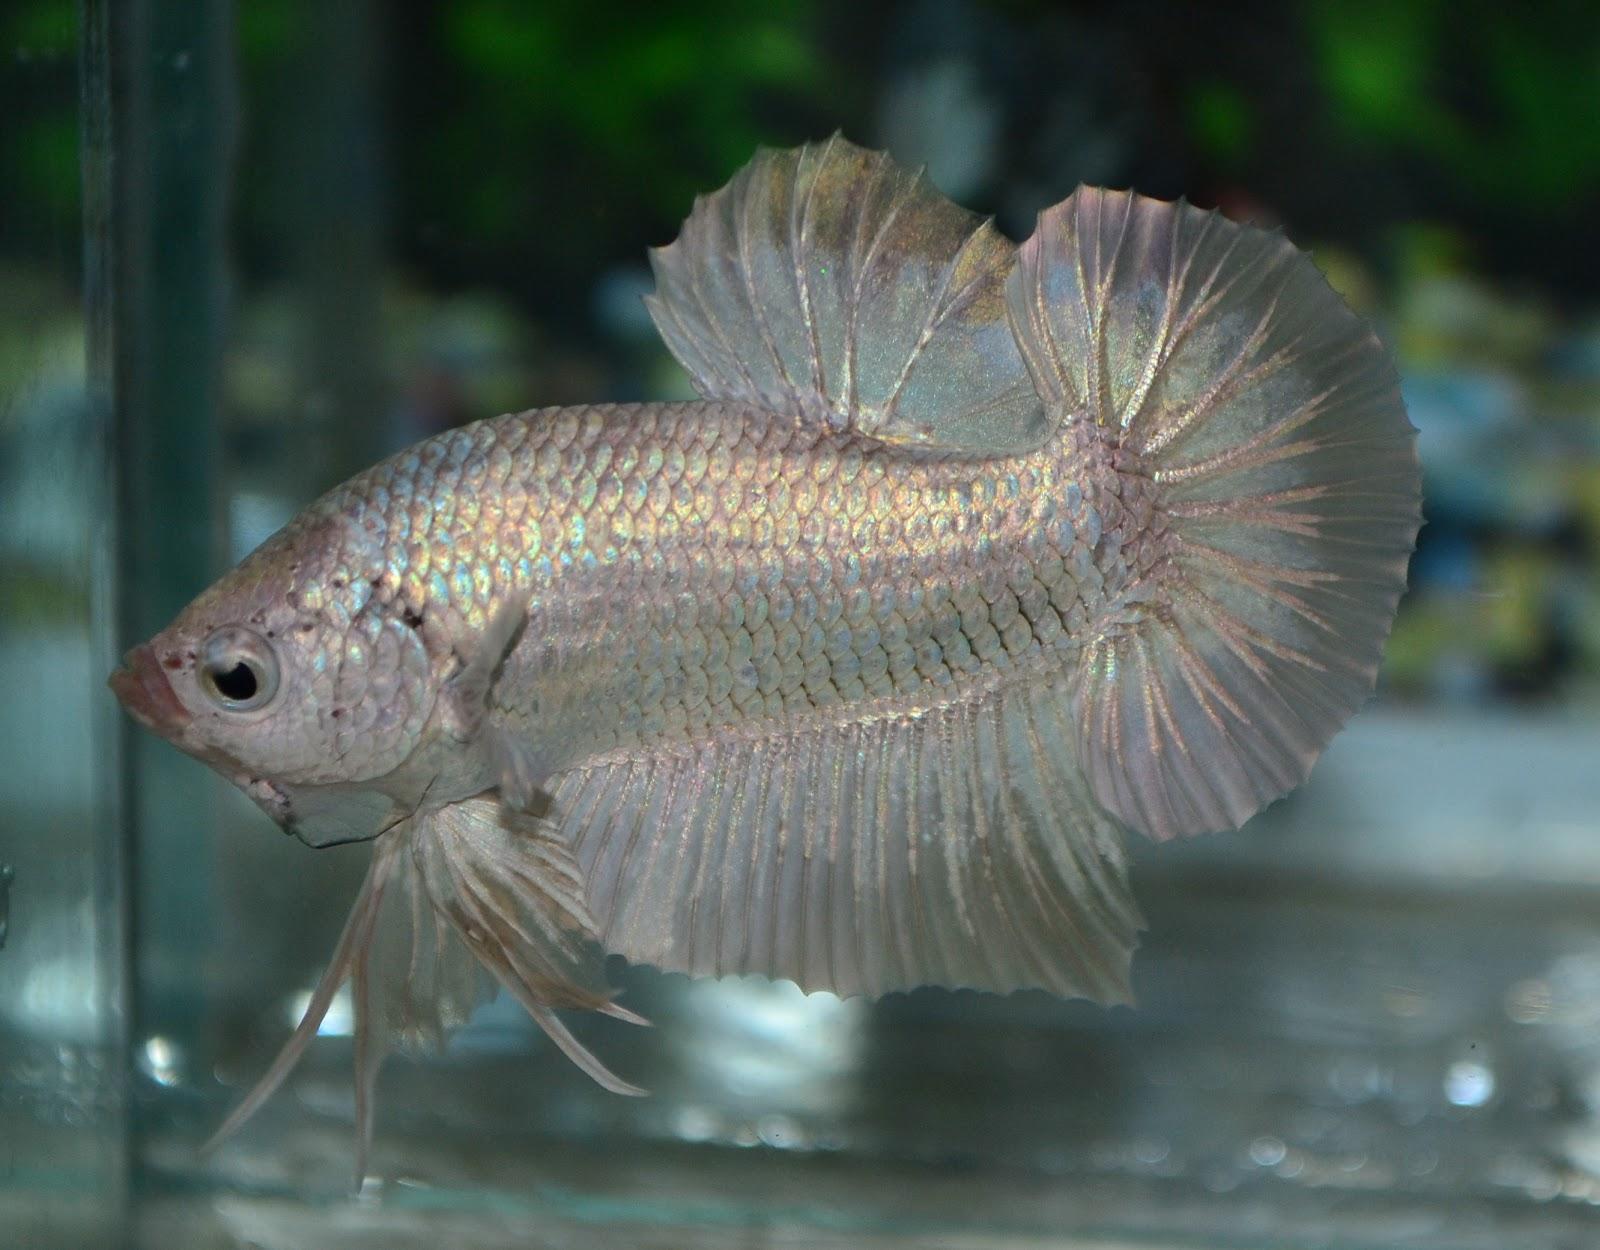 Betta fish afira betta hmpk new 16 disember 2012 for Pictures of betta fish